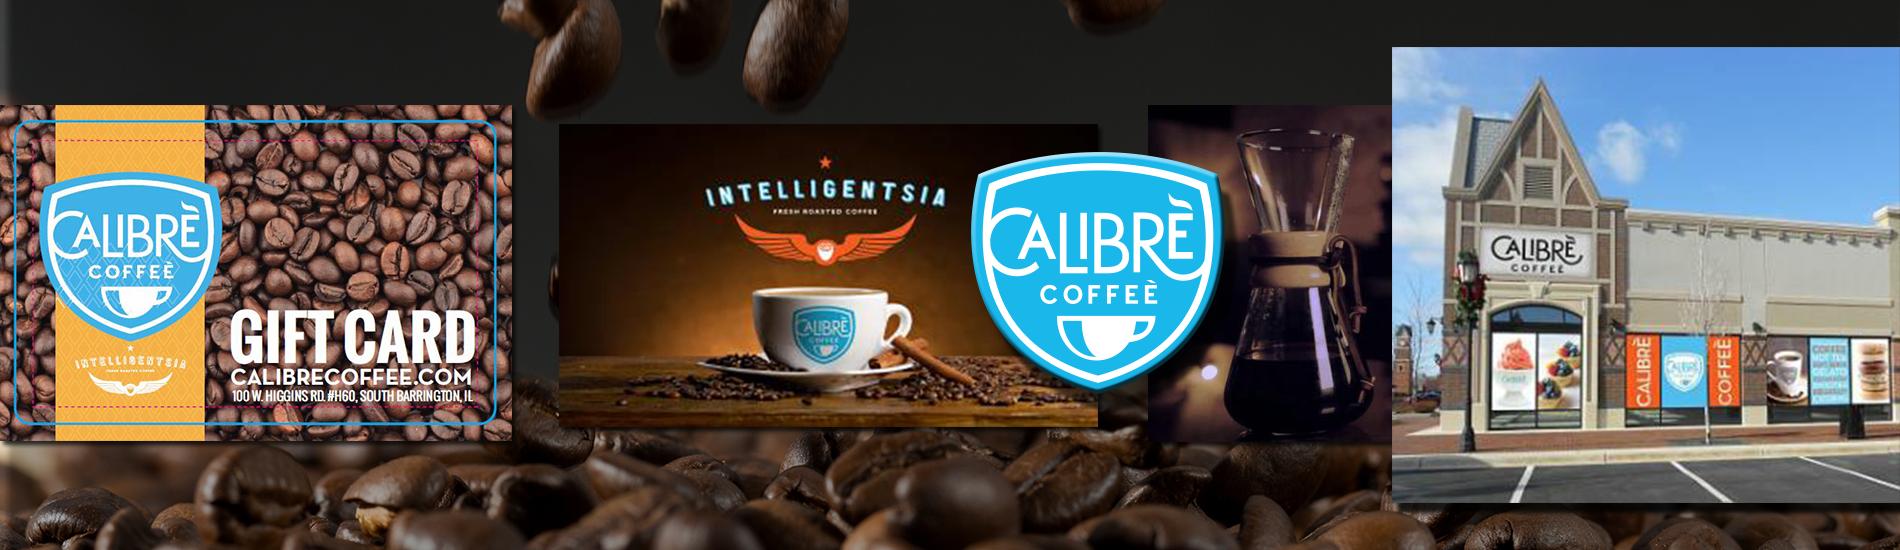 Calibre-coffee4b